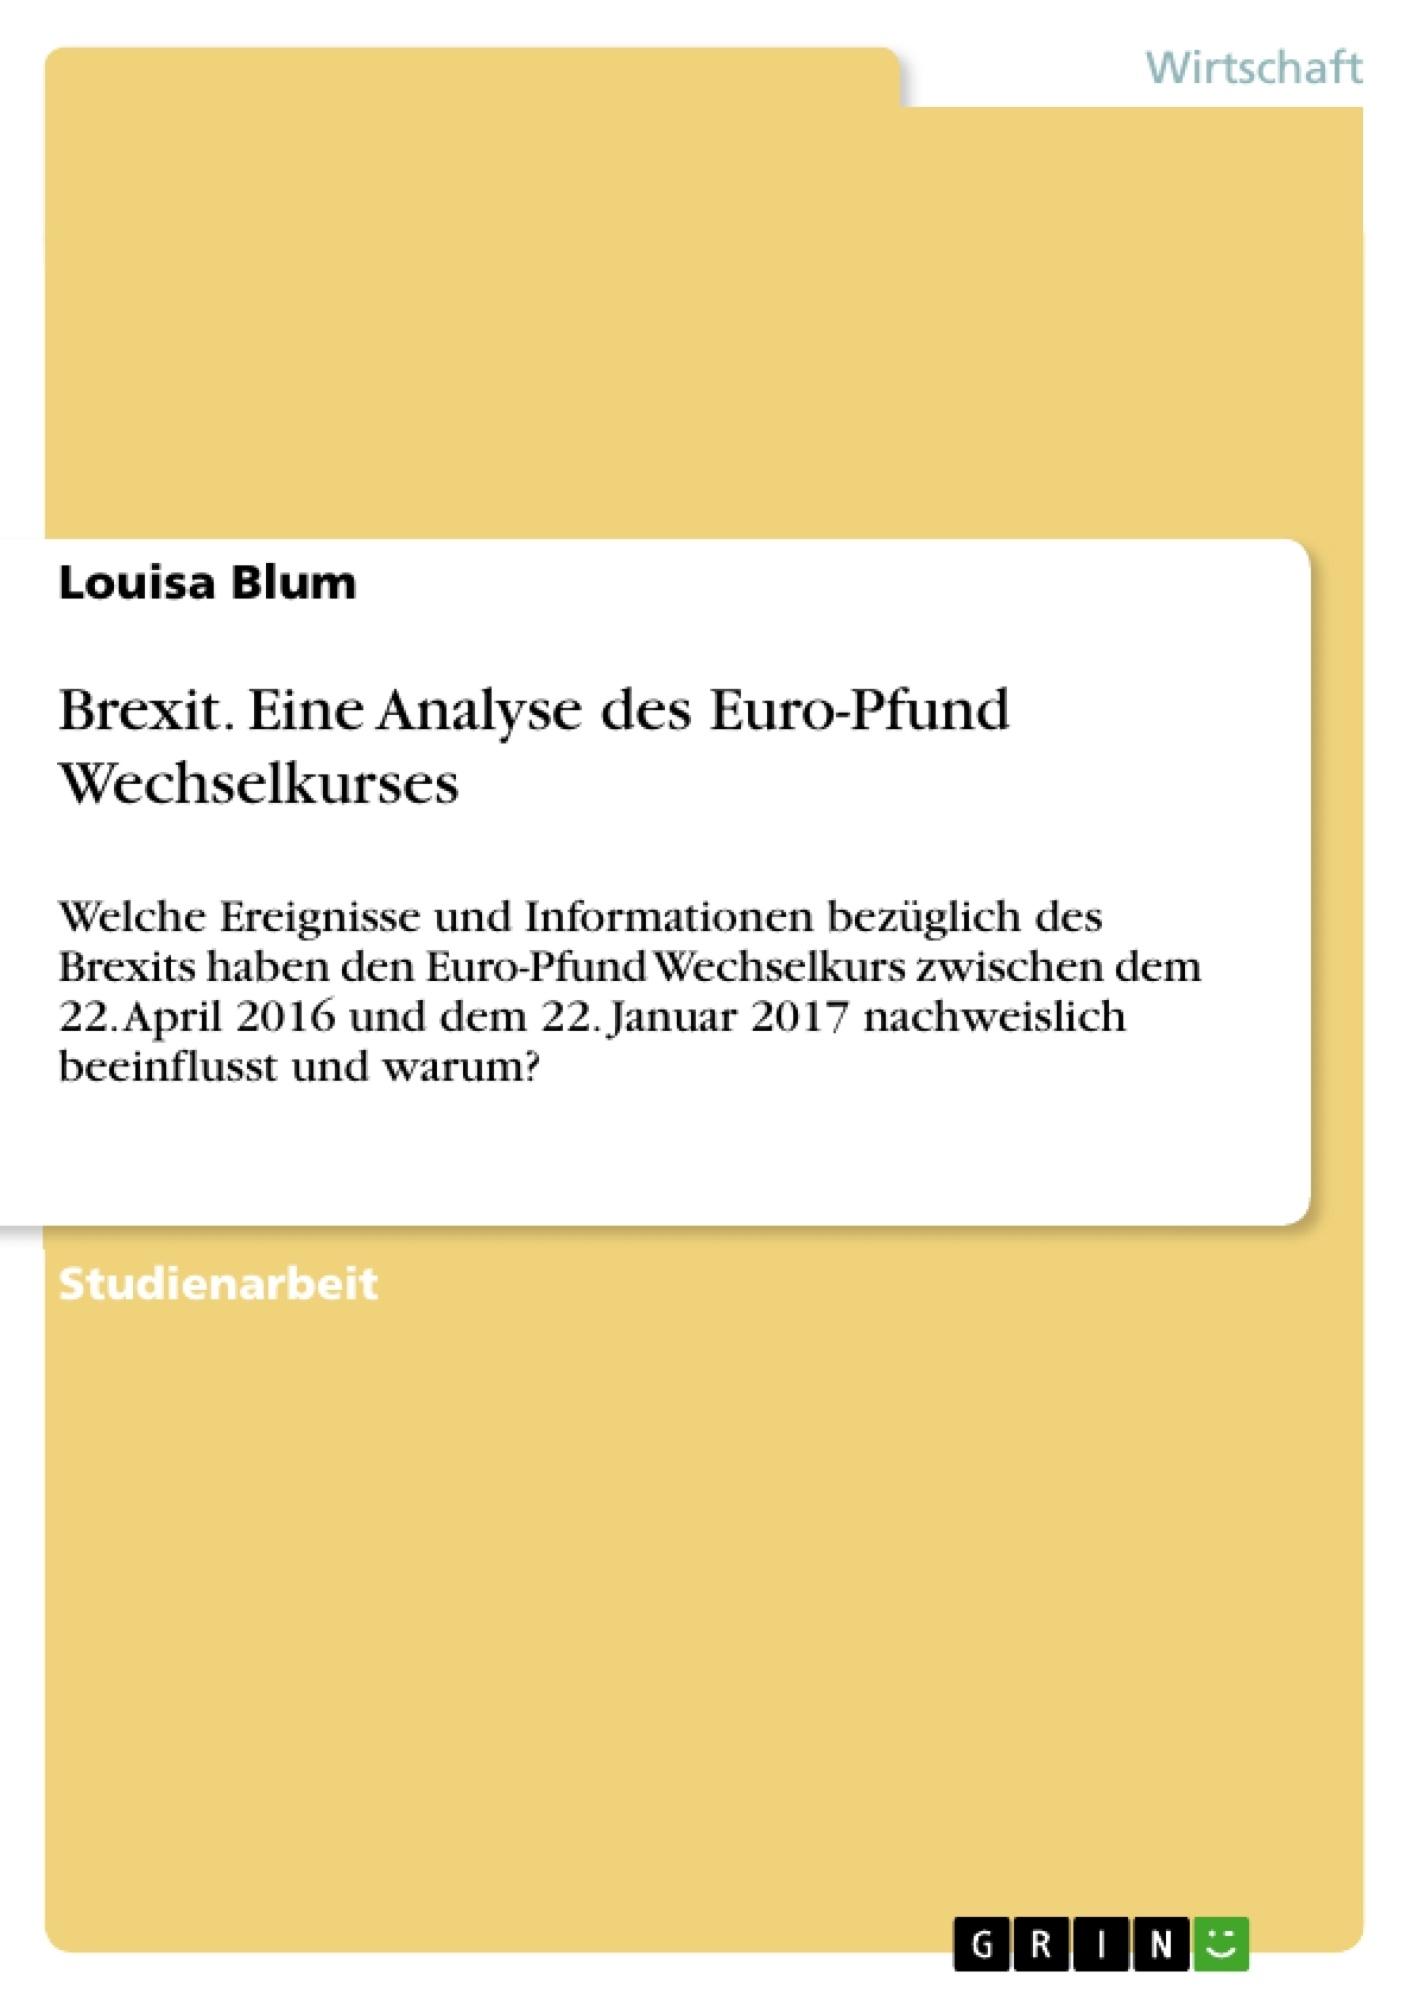 Titel: Brexit. Eine Analyse des Euro-Pfund Wechselkurses